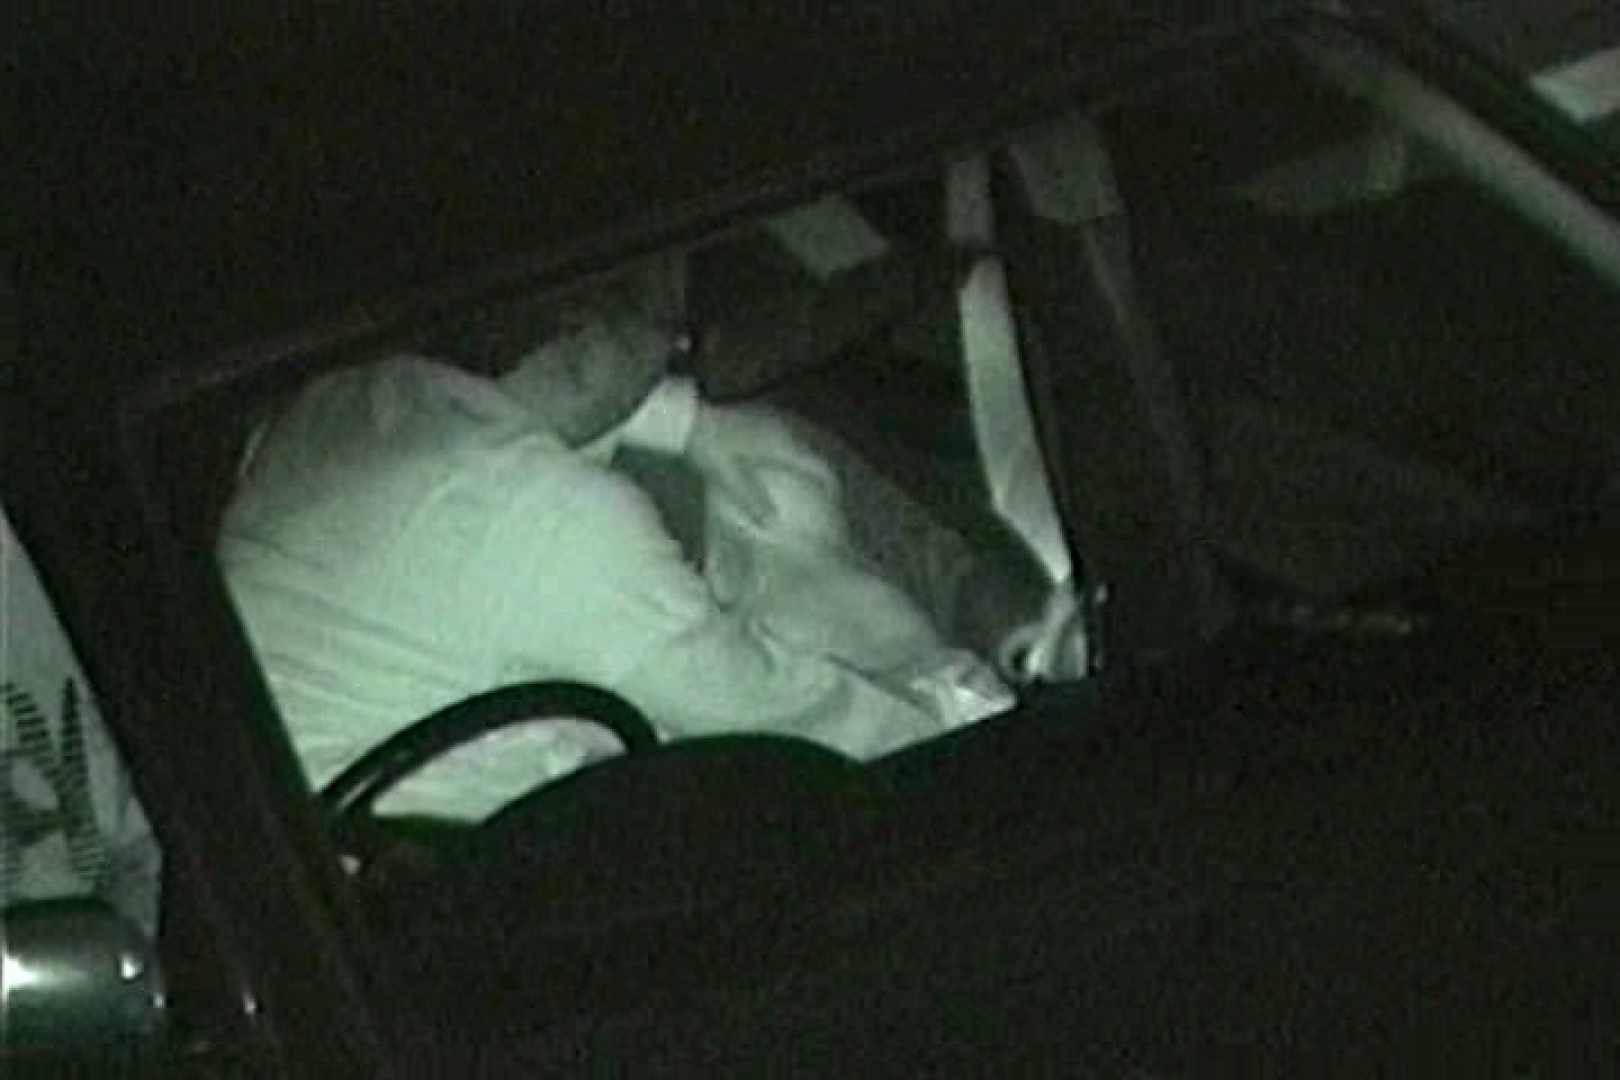 車の中はラブホテル 無修正版  Vol.8 OLヌード天国 ヌード画像 102PIX 82